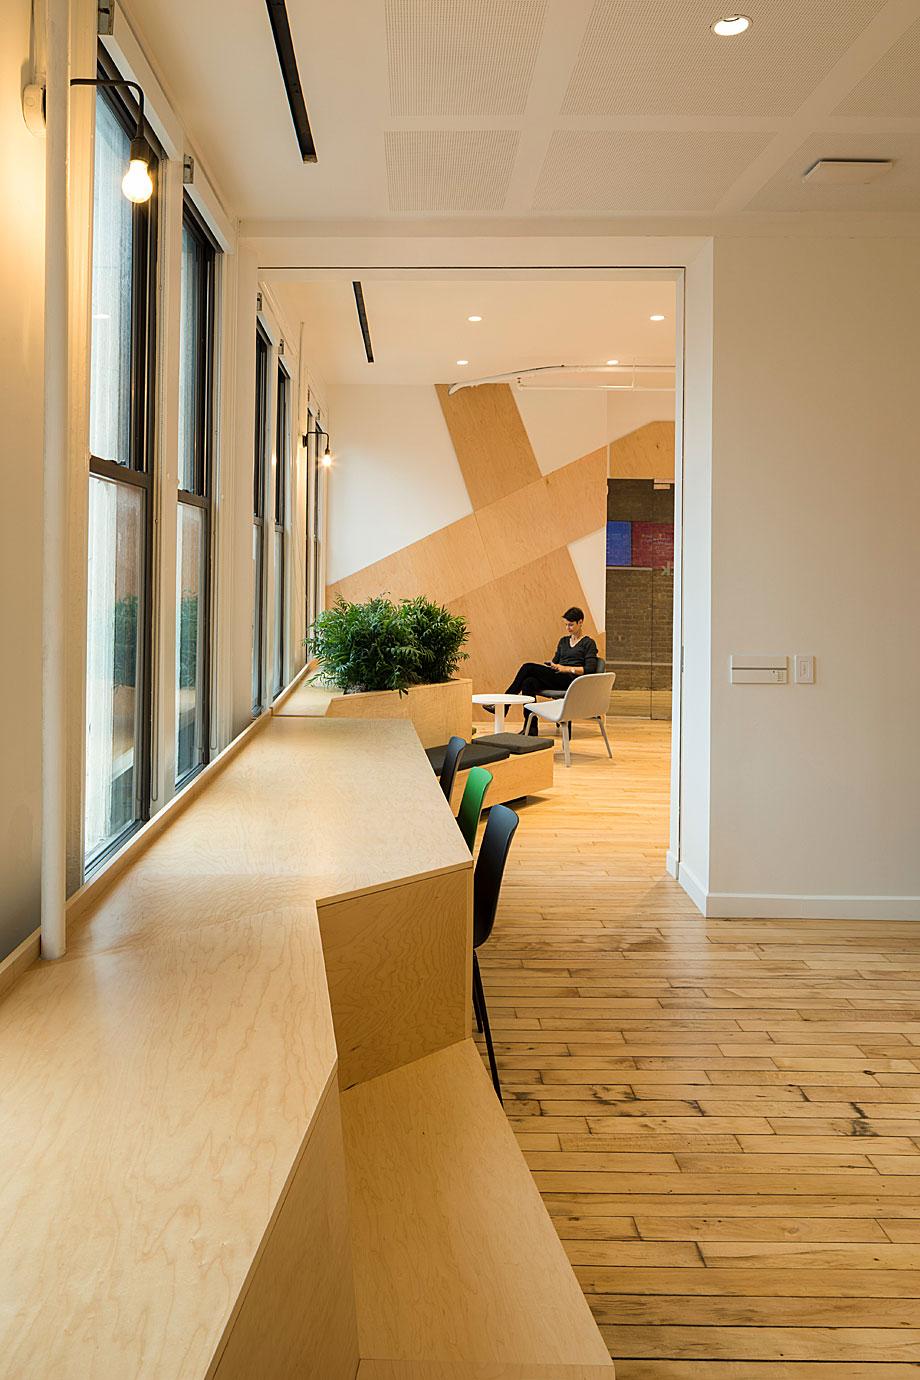 oficinas-slack-nueva-york-snohetta (2)